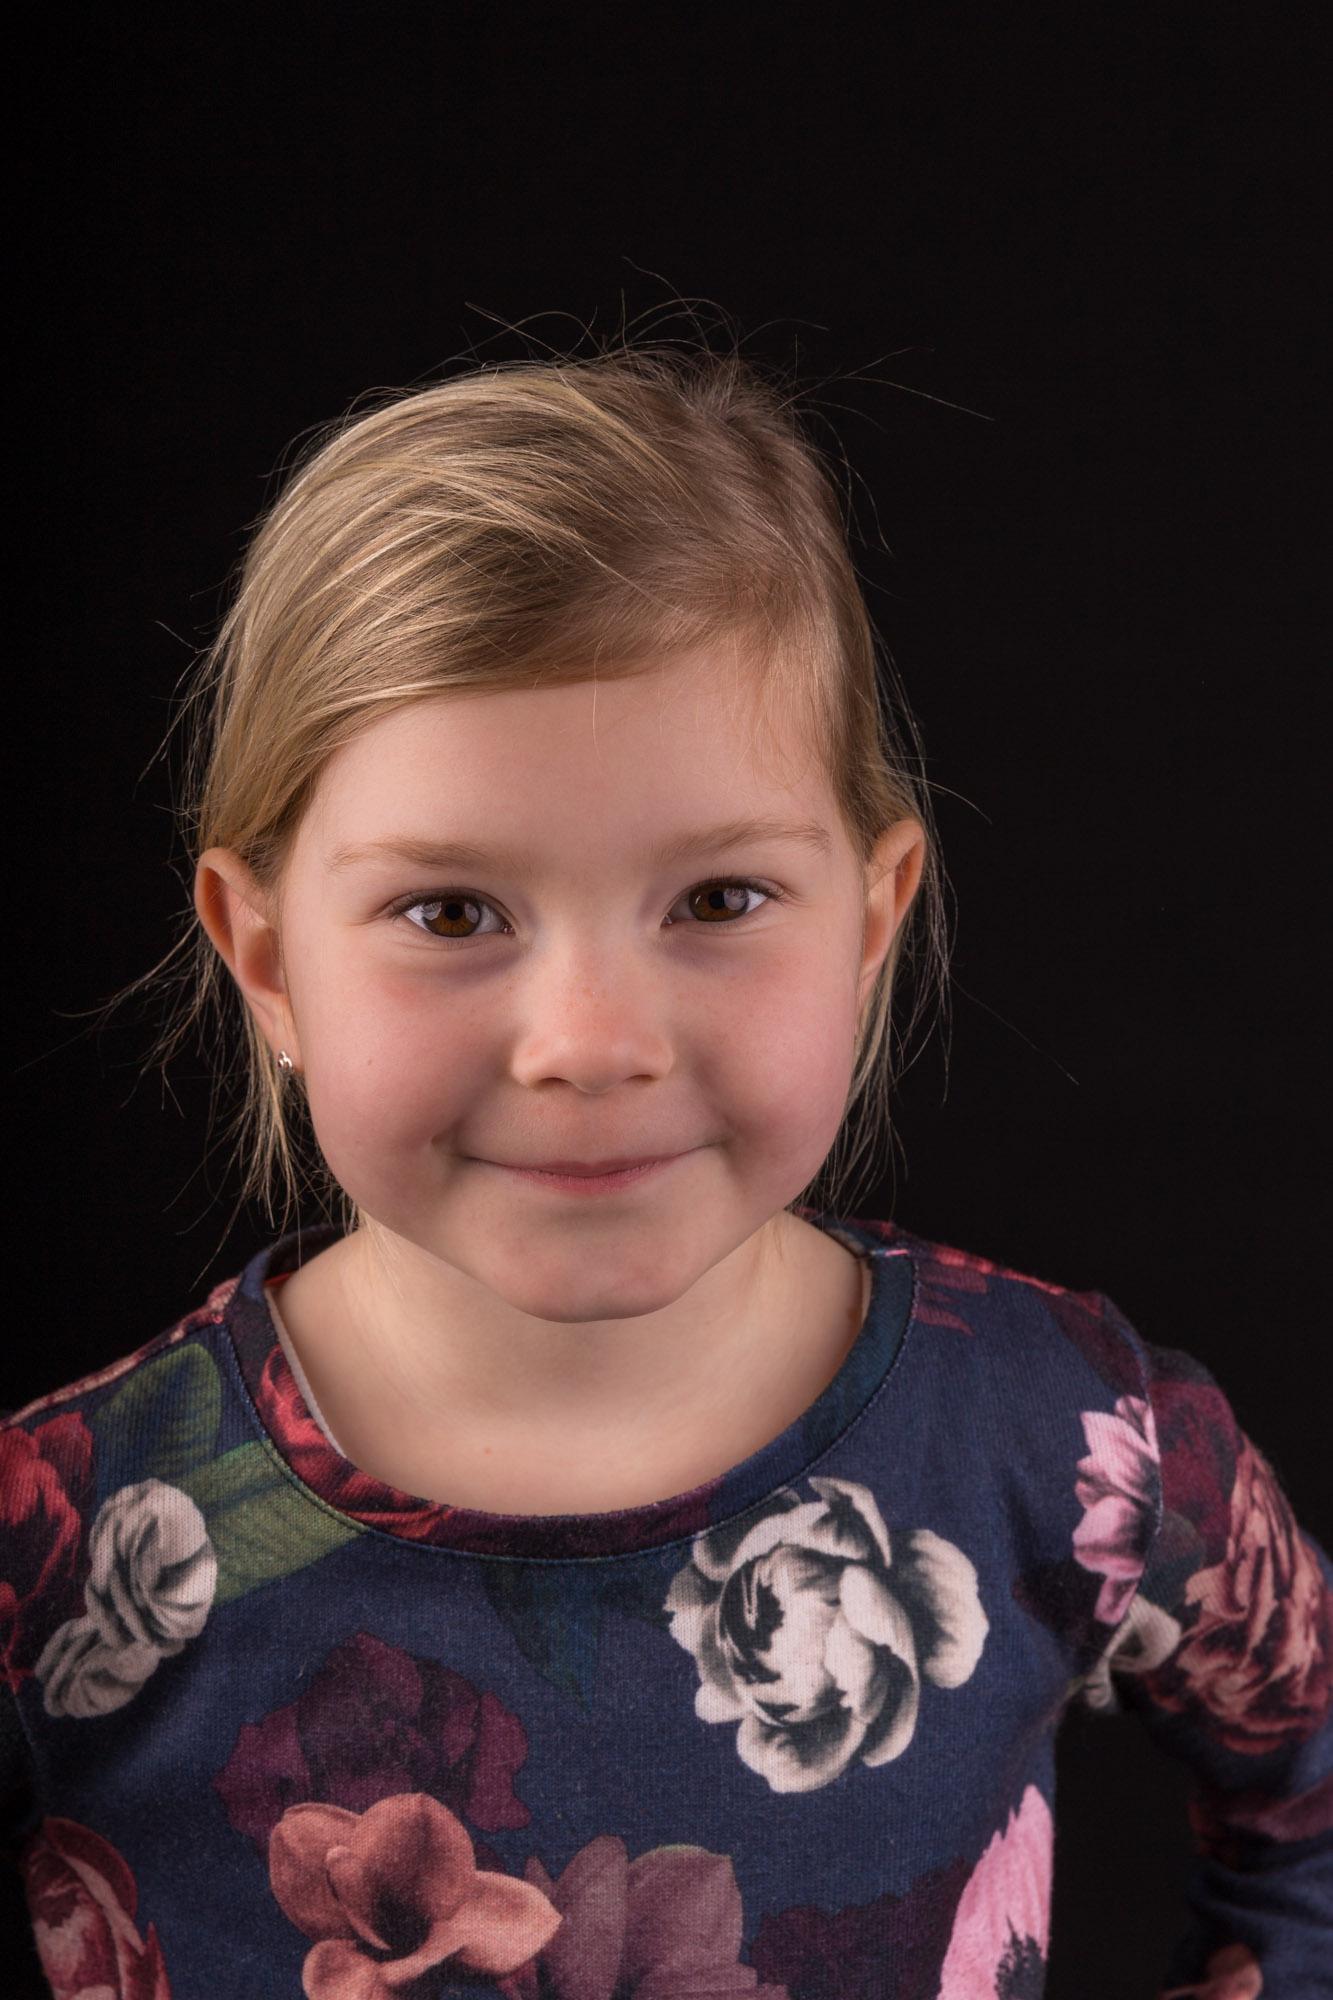 studio portretfoto van blond meisje met bloemen shirt door mayrafotografie